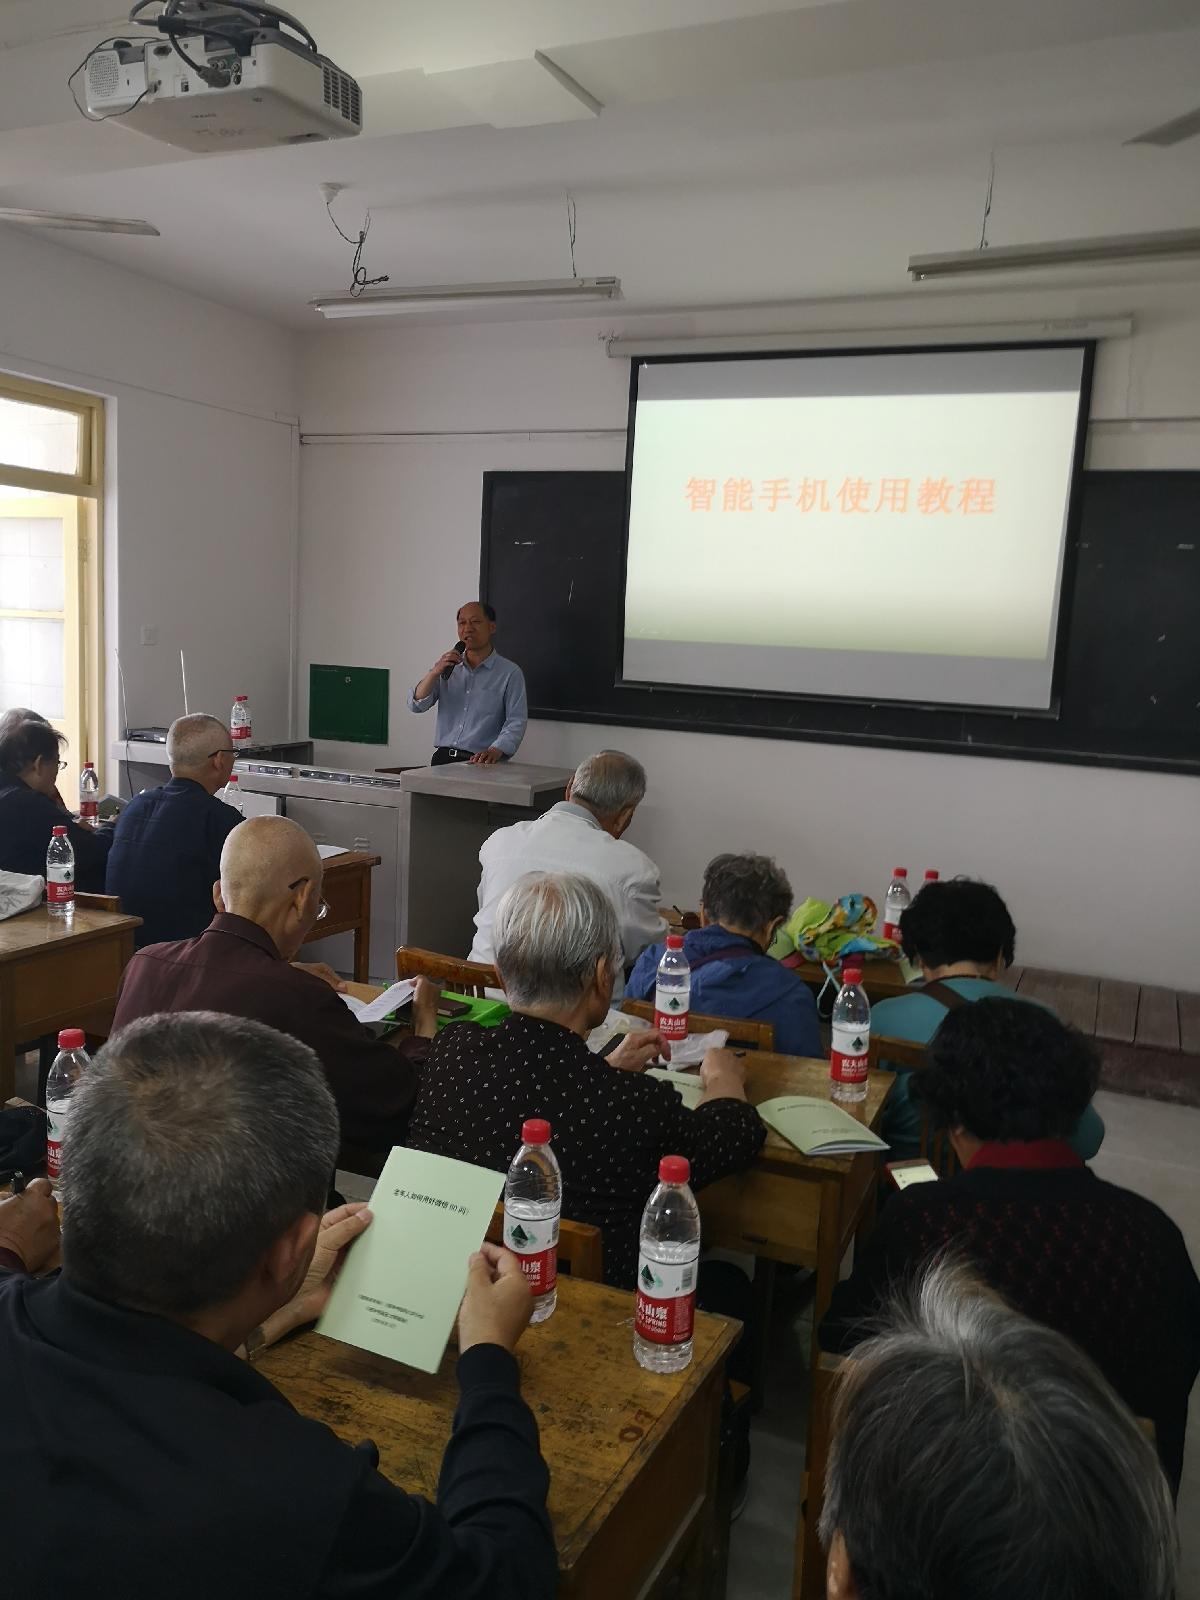 离退休工作处联合开展智能手机培训使用知识讲座